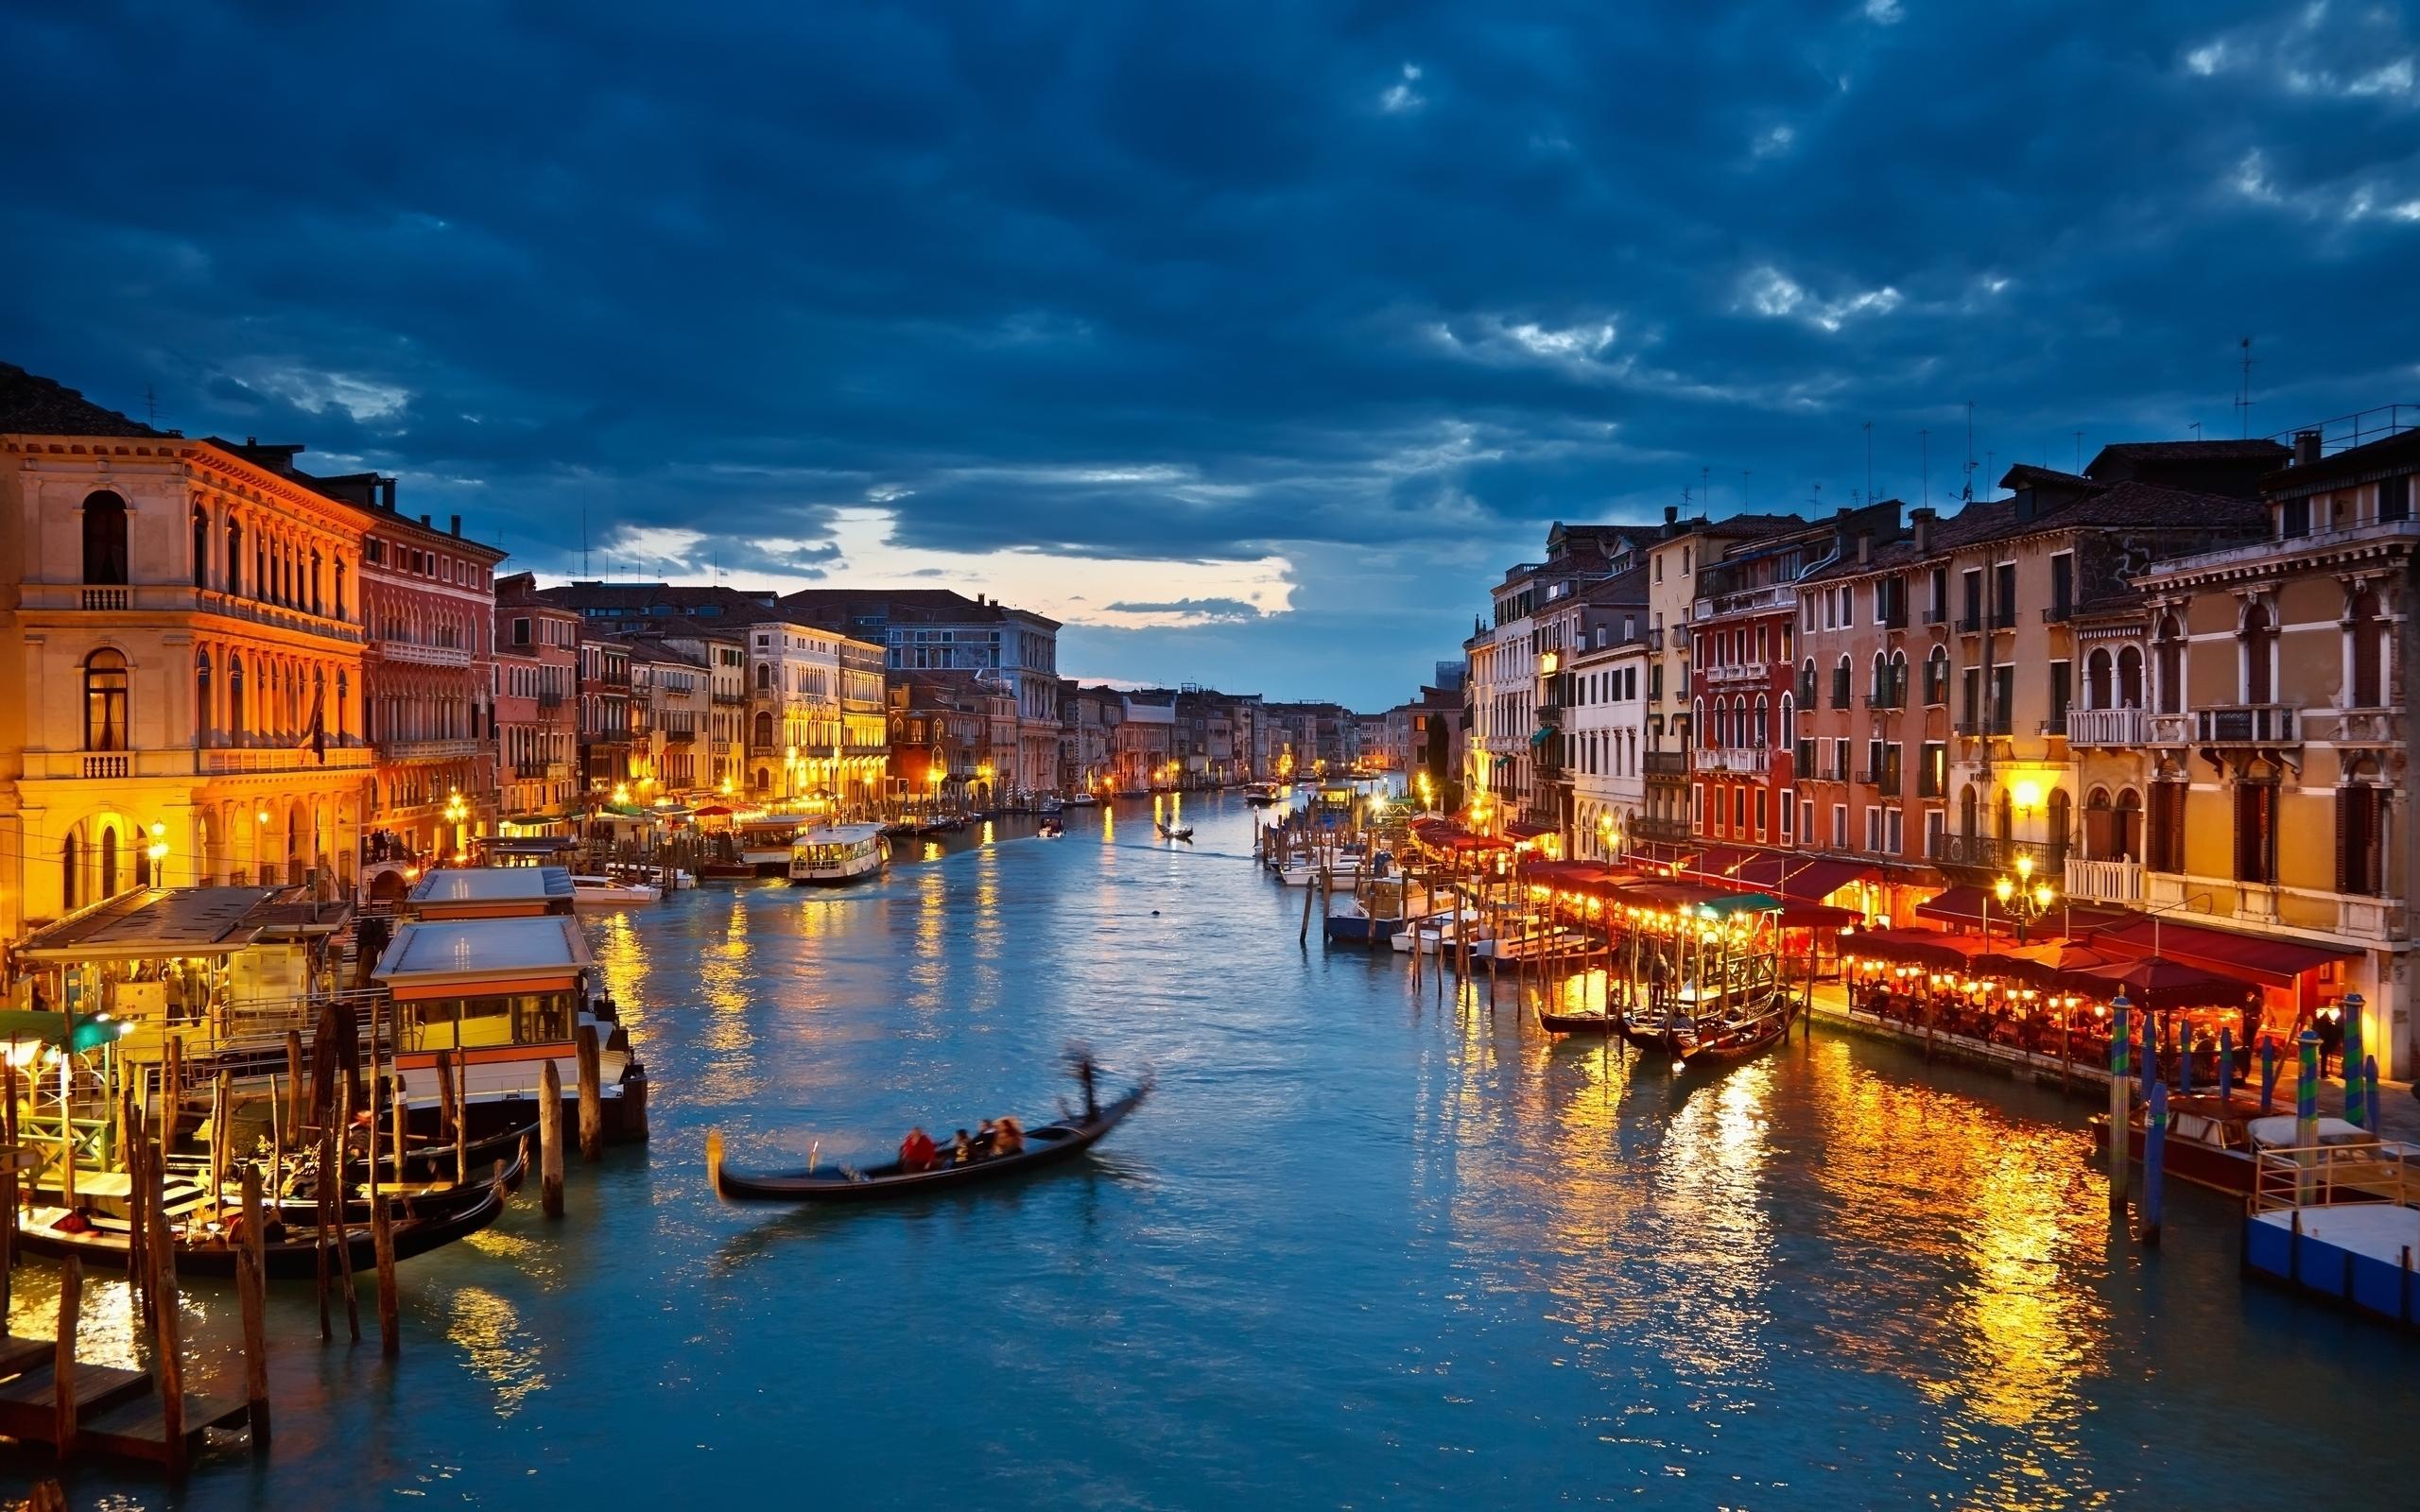 виды венеции фото высокого разрешения что трипстер